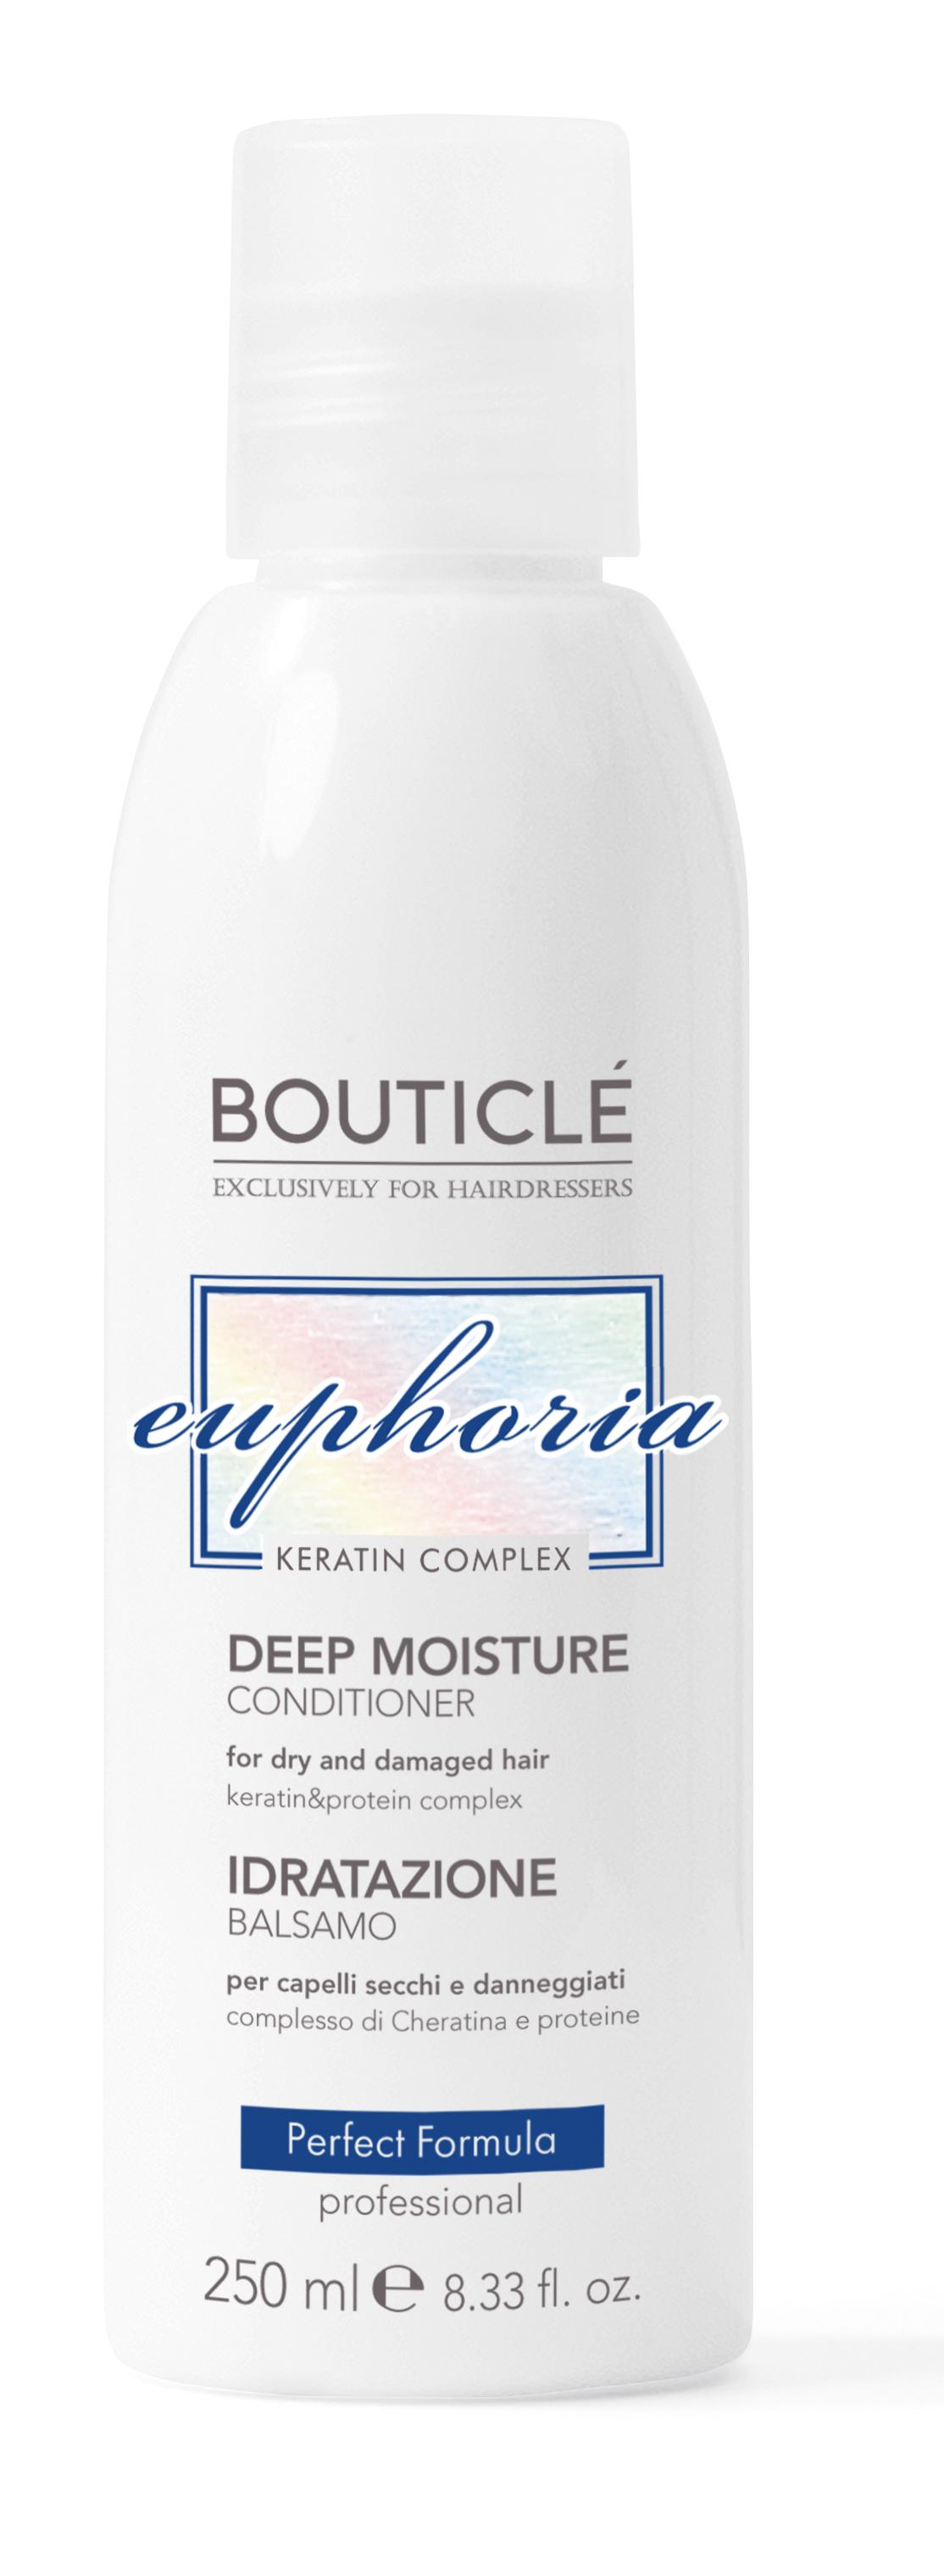 Купить BOUTICLE Кондиционер увлажняющий с Keratin Complex для волос / Deep Moisture Conditioner 250 мл